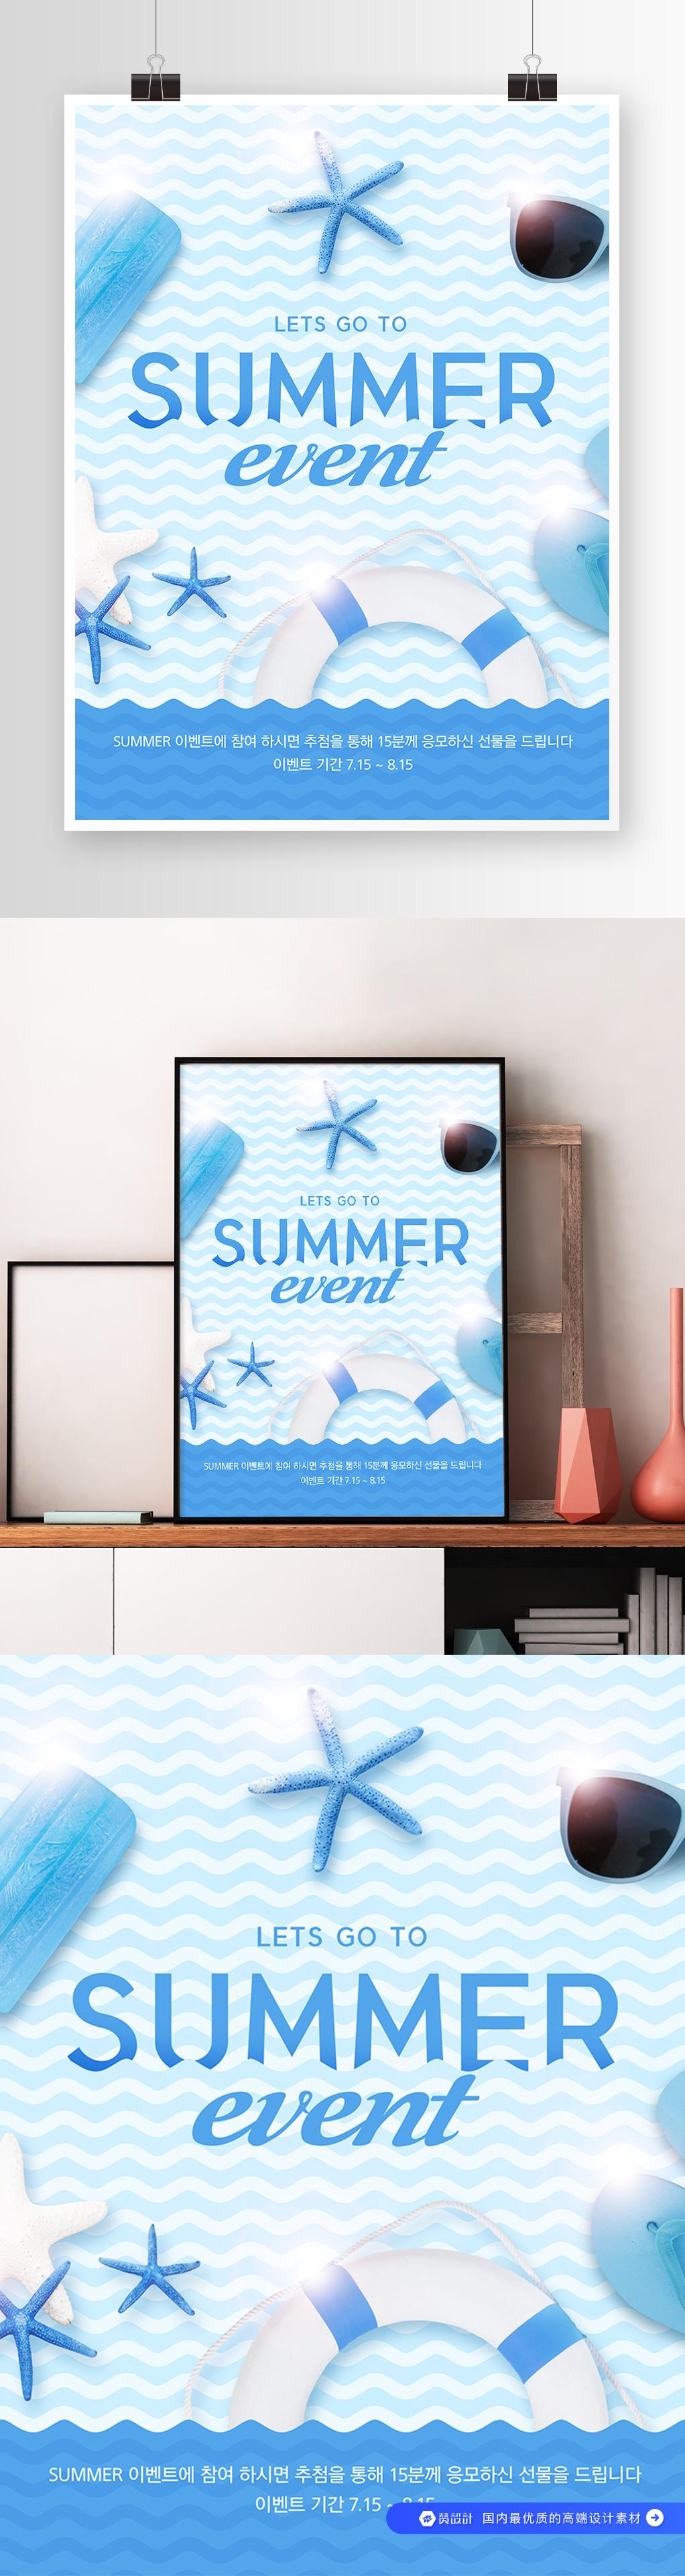 夏季海滩游玩促销海报素材 (10)